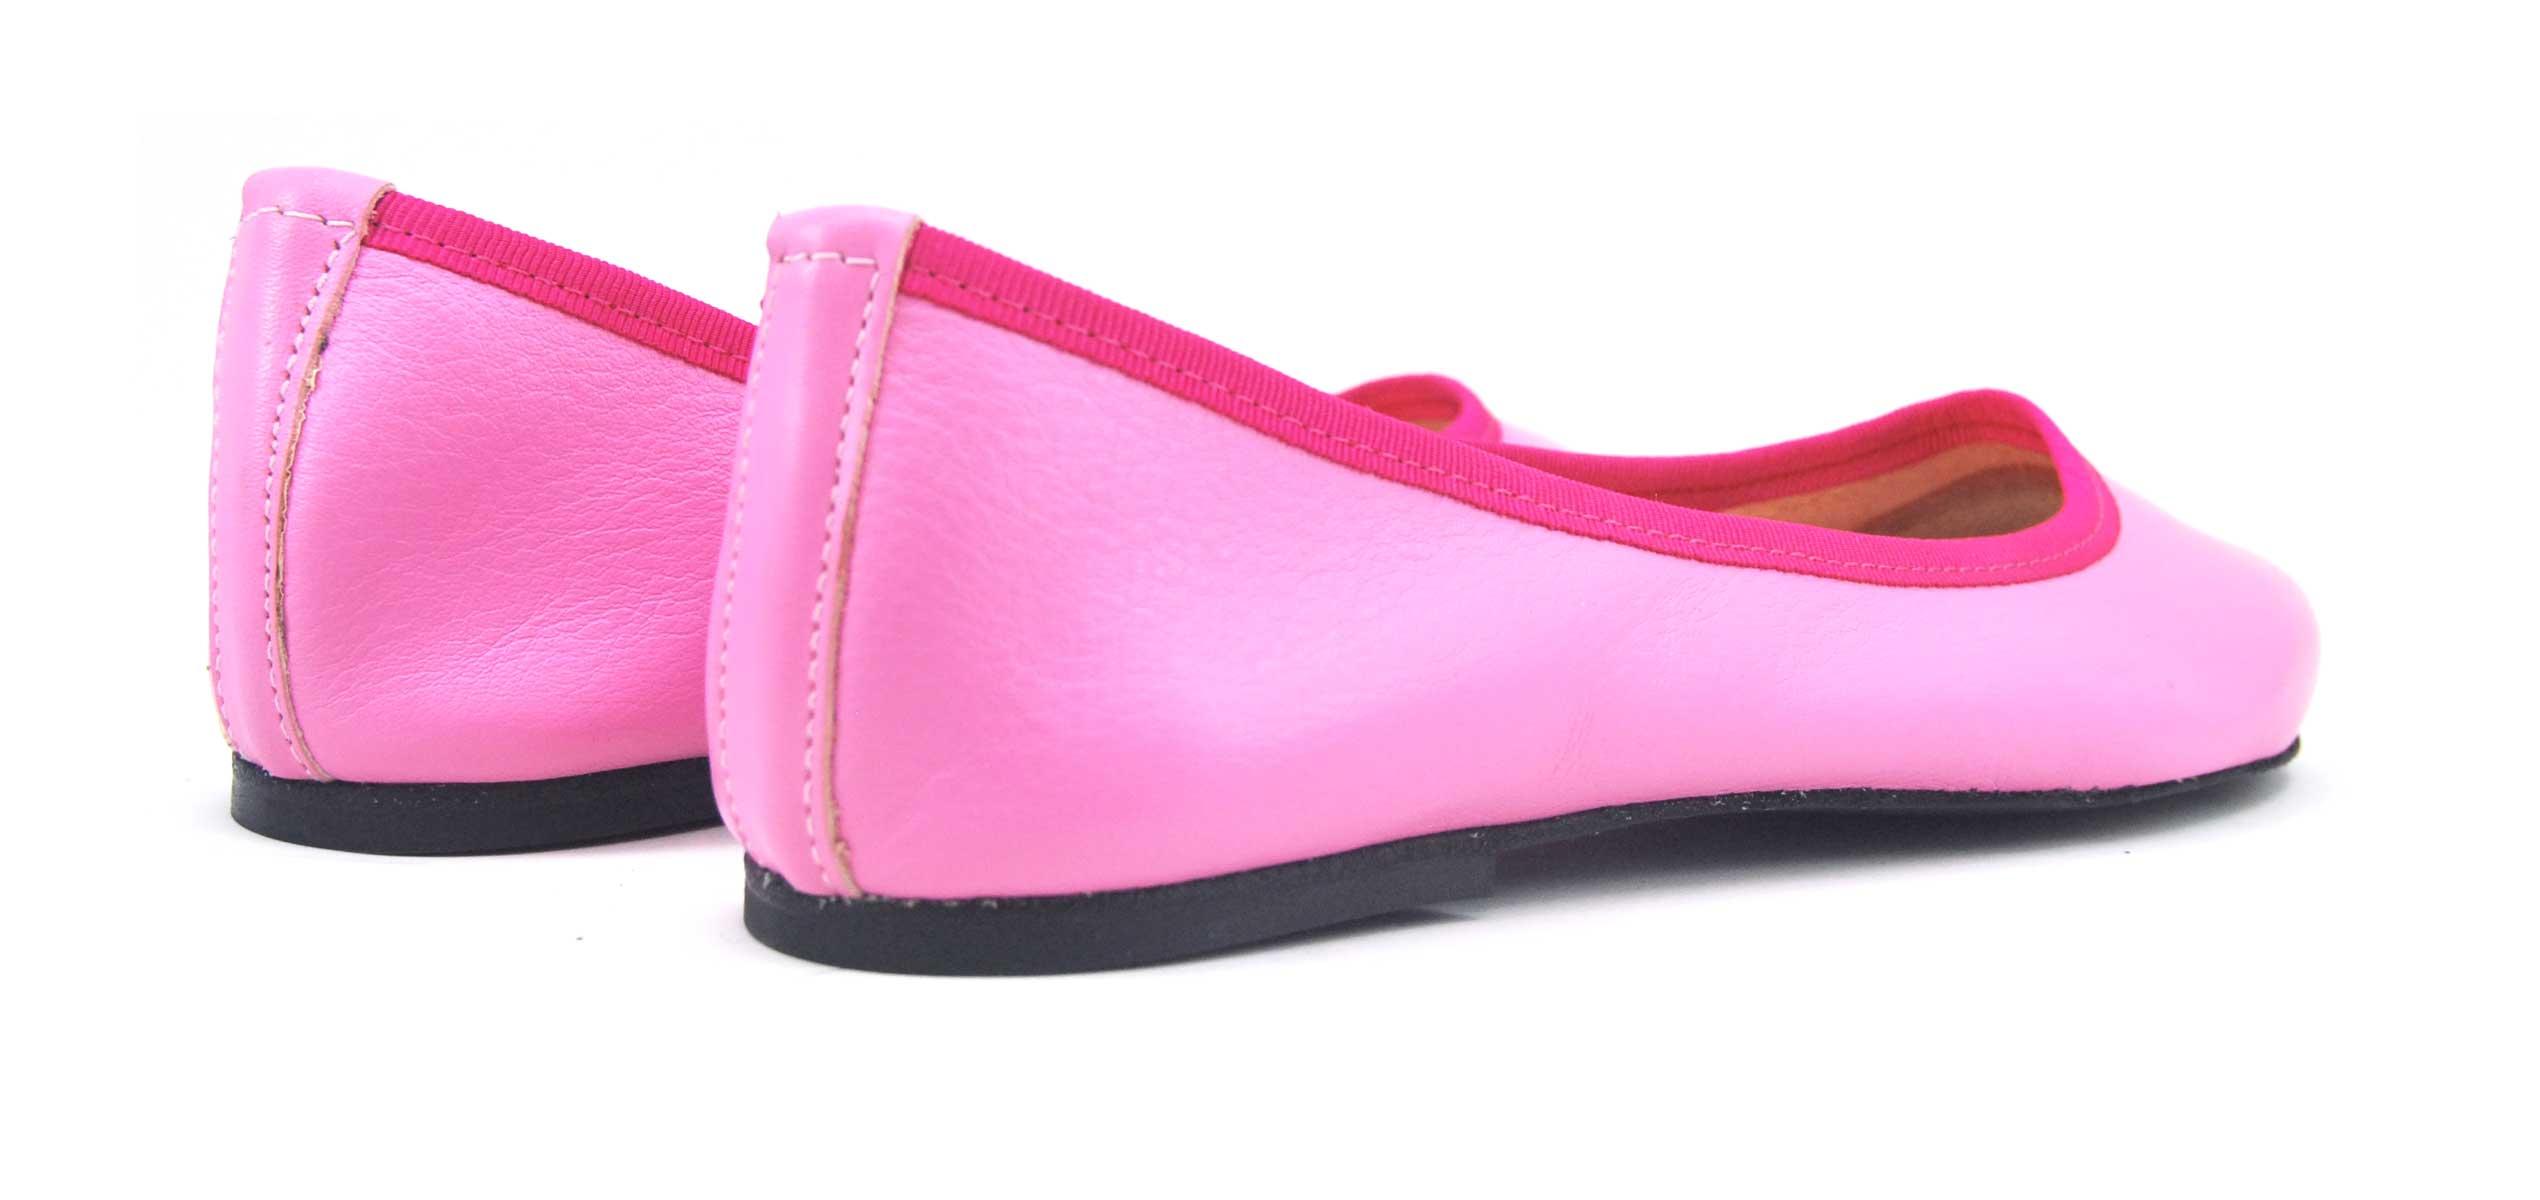 Foto 4 de Bailarinas Napa Pink